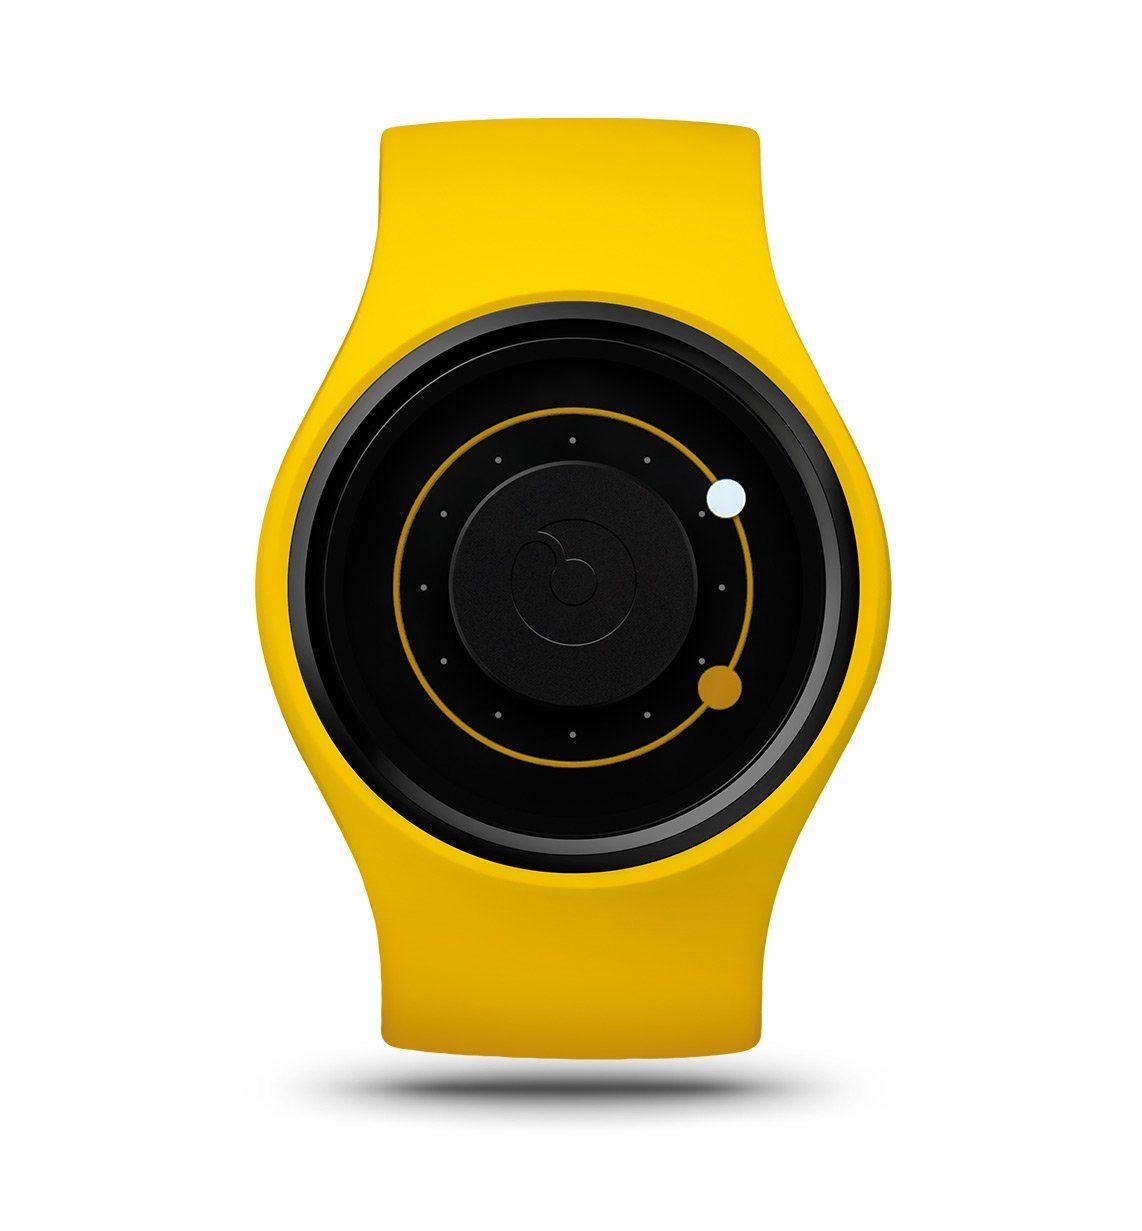 Fancy - Orbit Watch by ZIIIRO